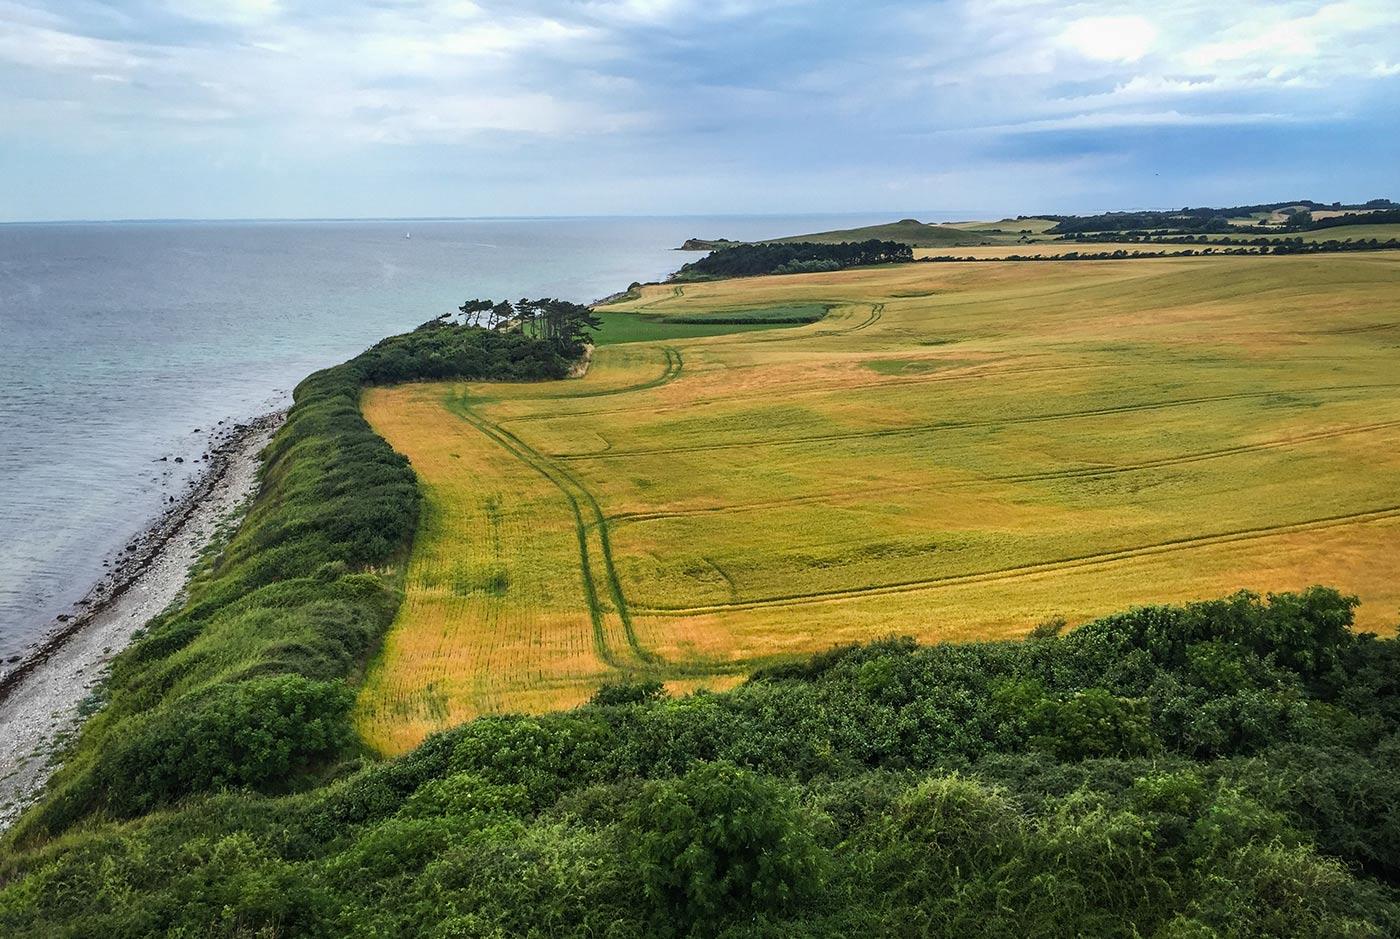 Samso: l'isola ecologica della Danimarca